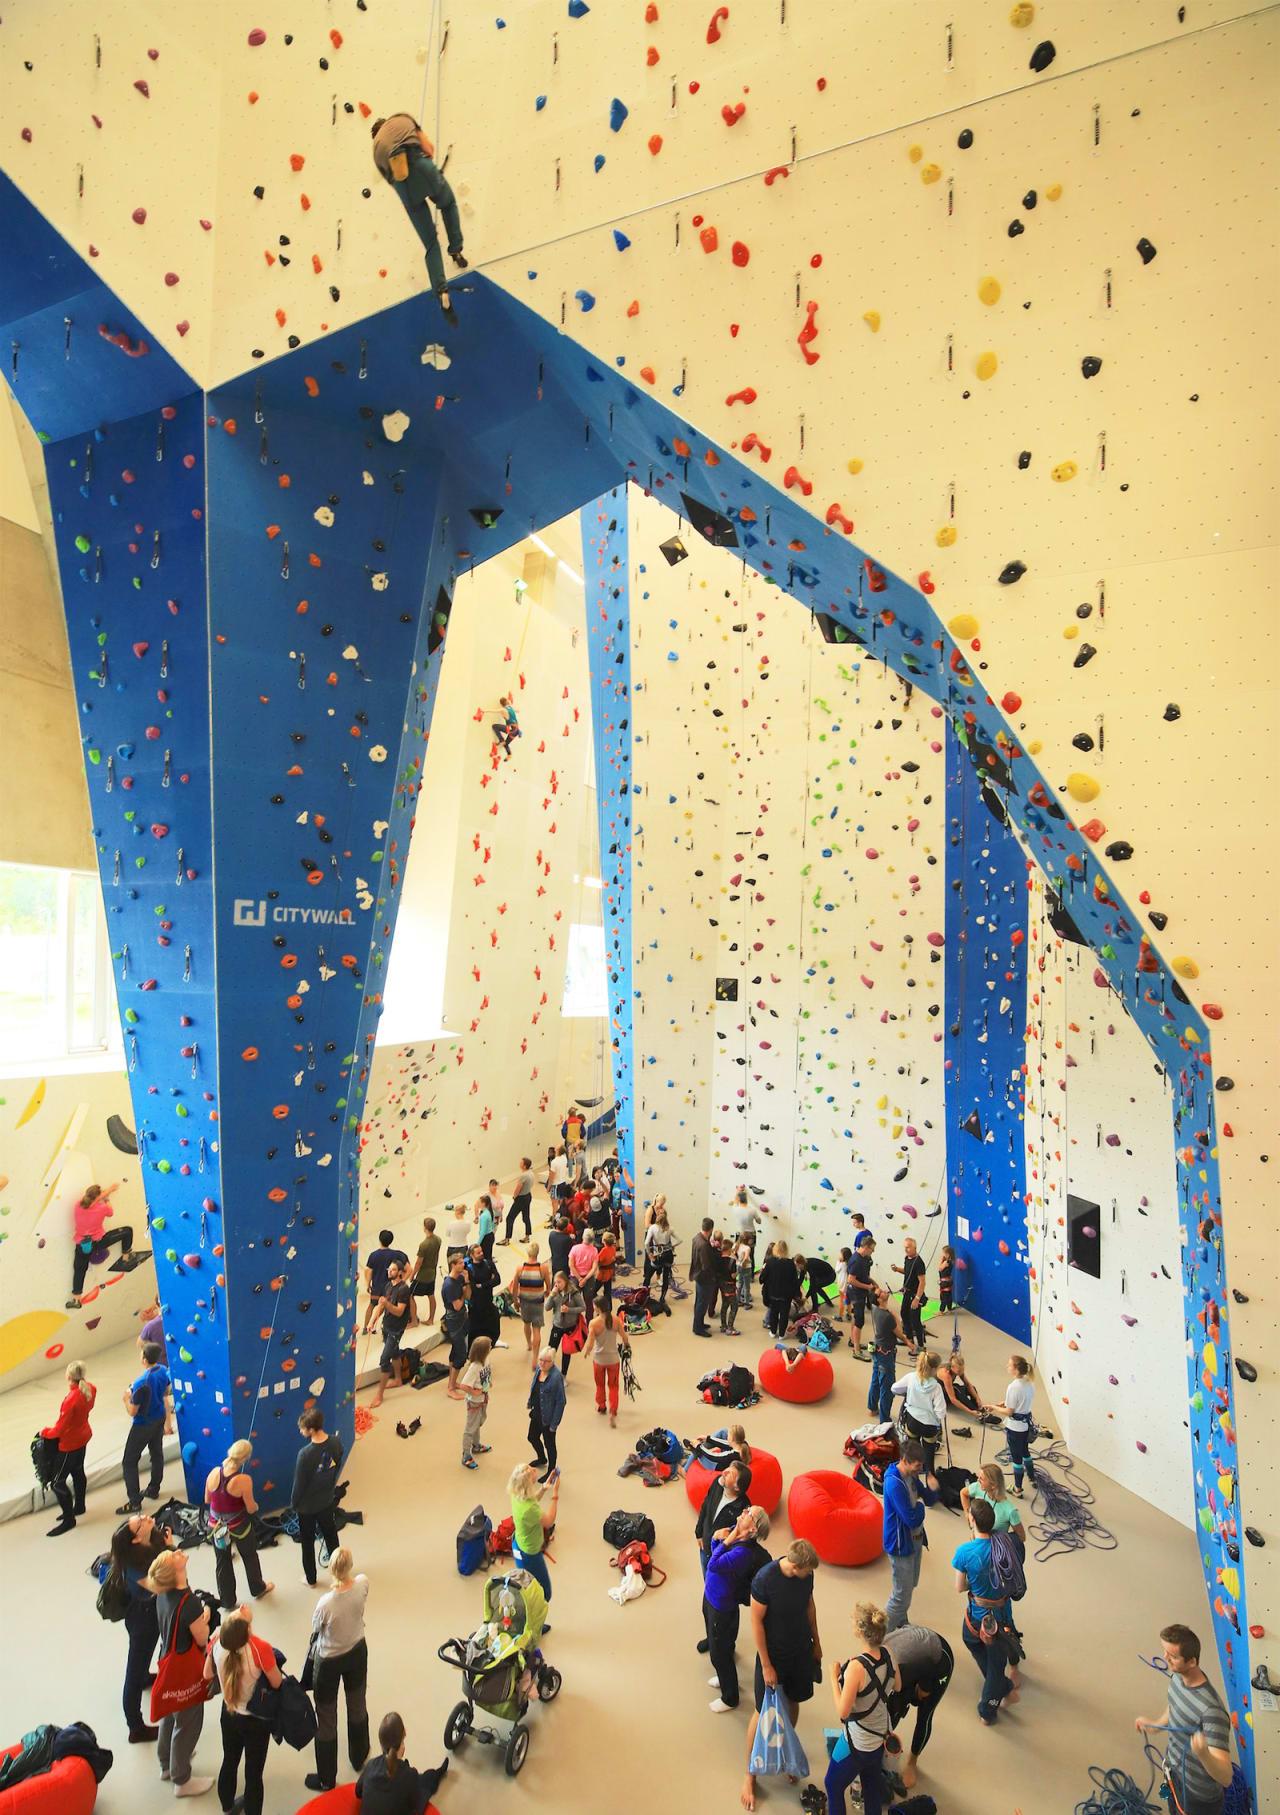 TI GANGER STØRRE: Den nye hallen har 18 meter høye vegger. Foto: Stein Tronstad